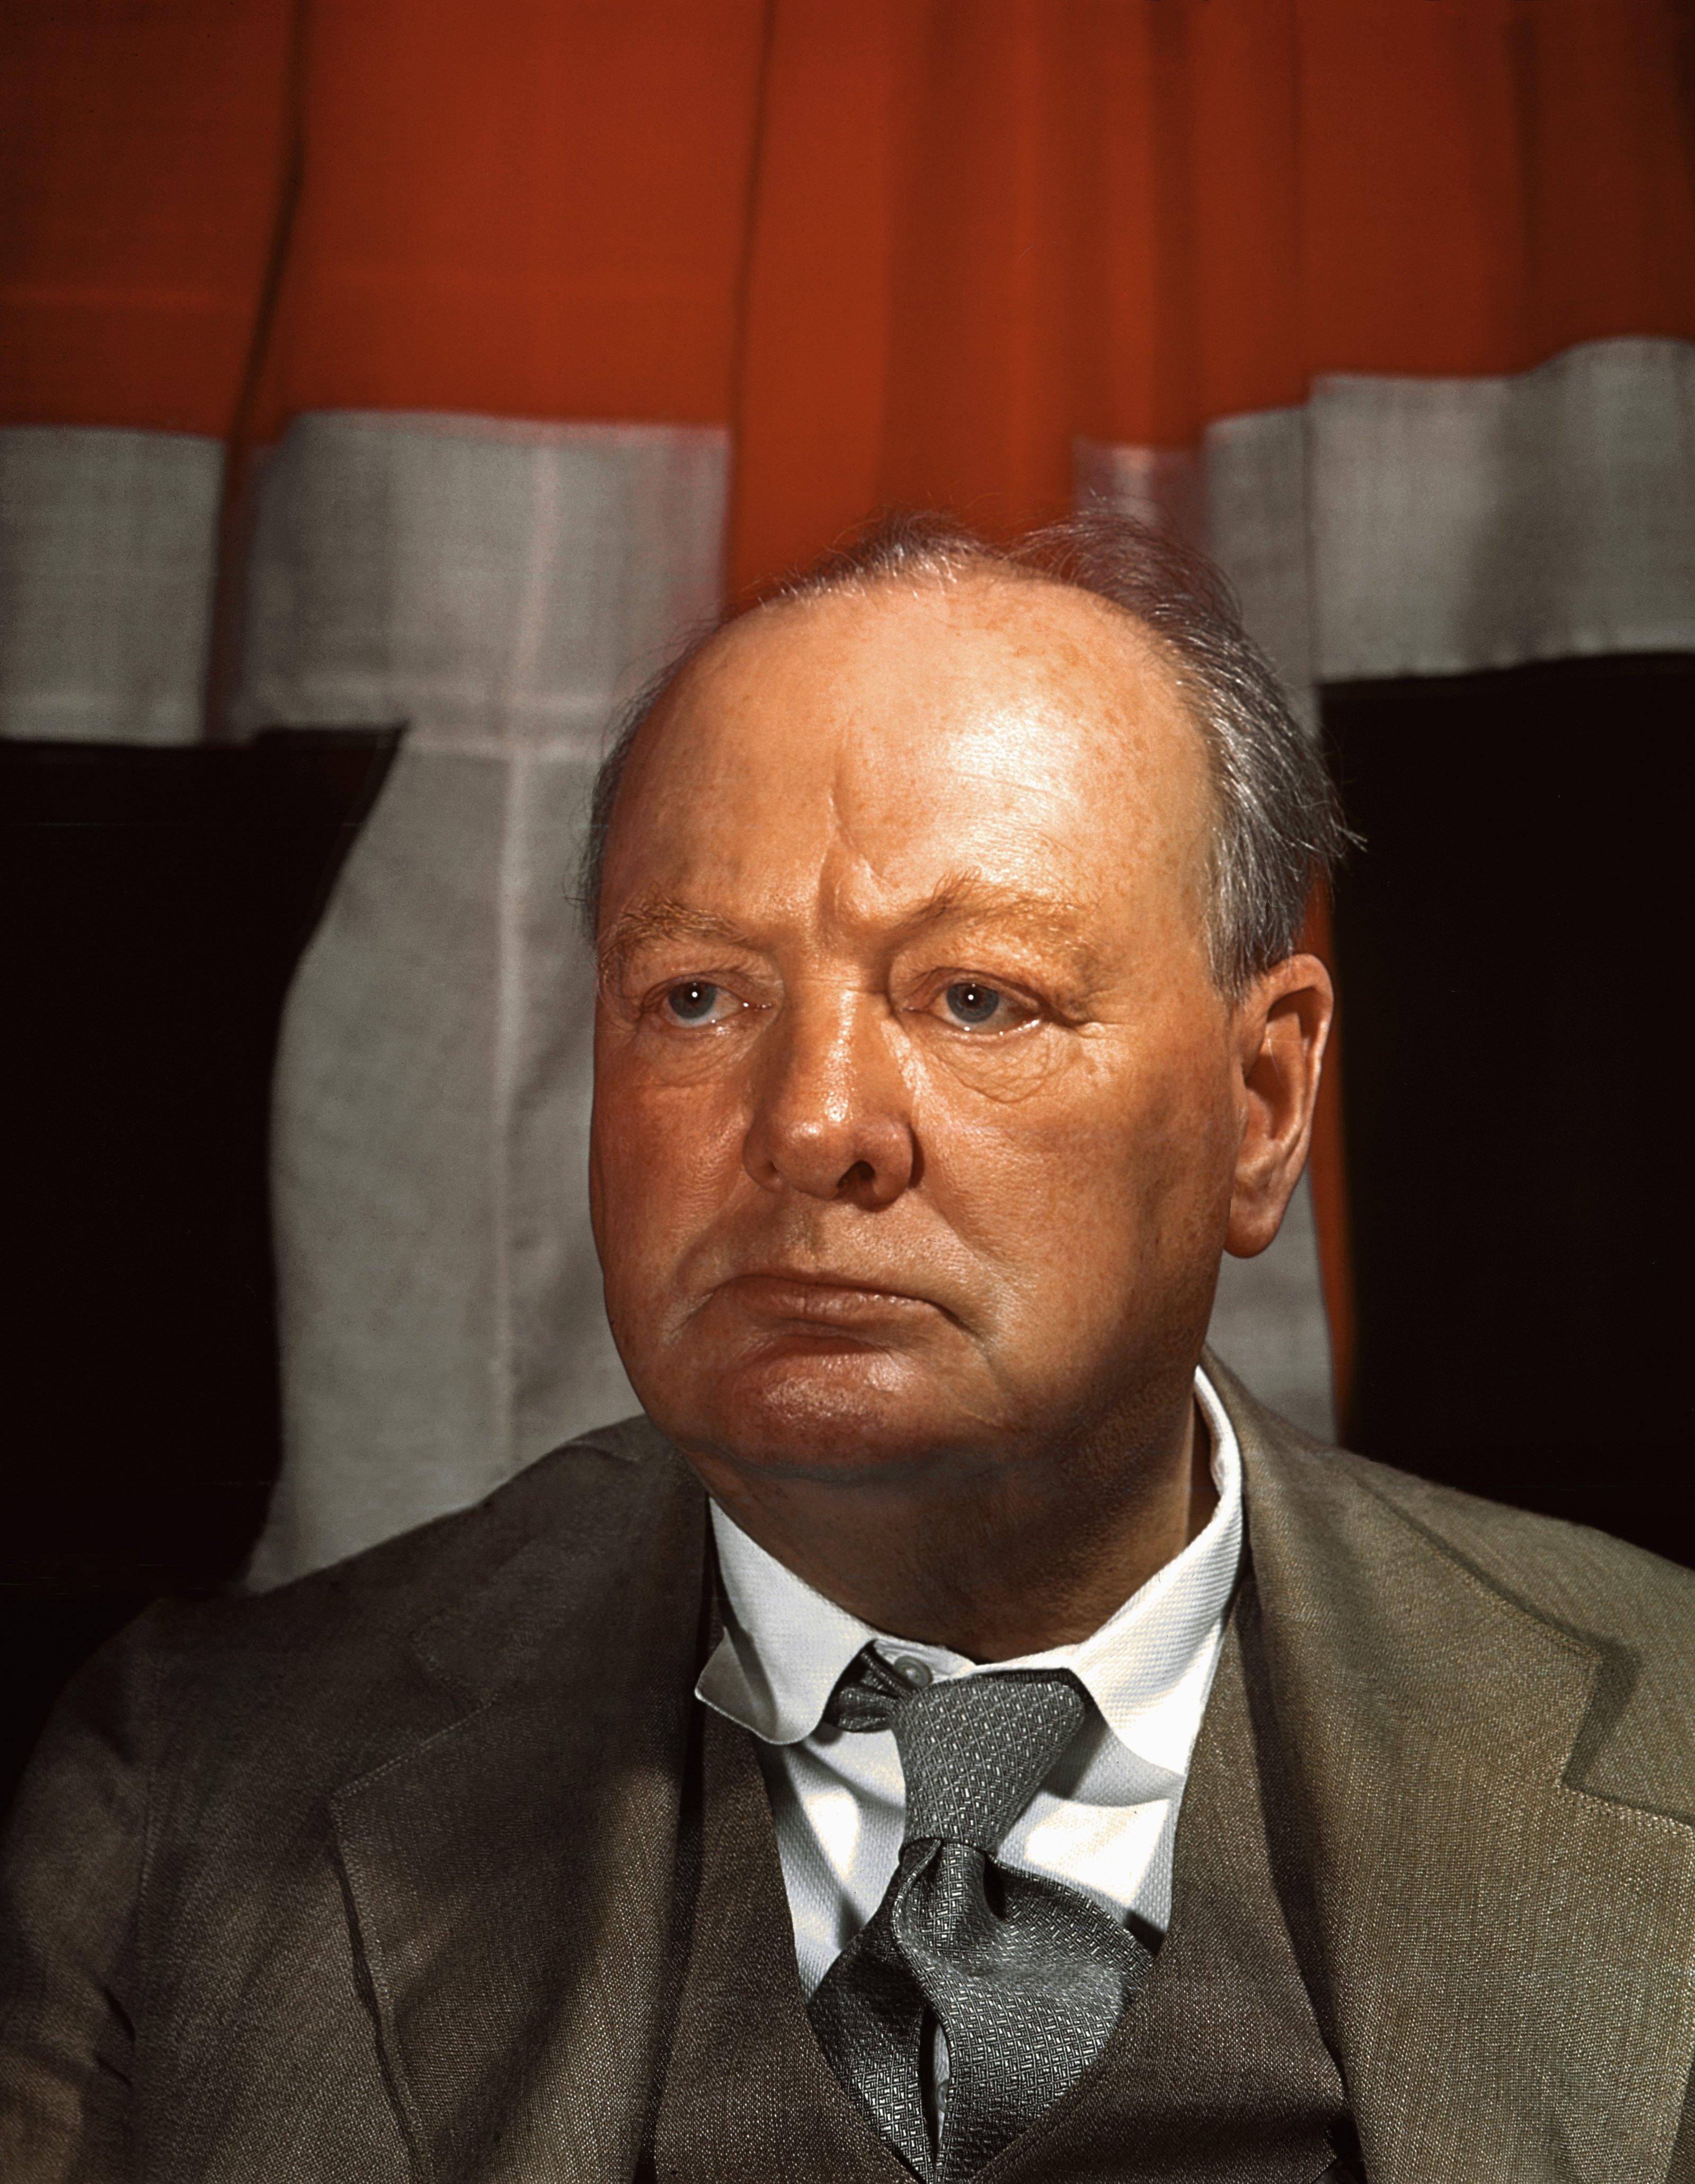 A portrait of Winston Churchill